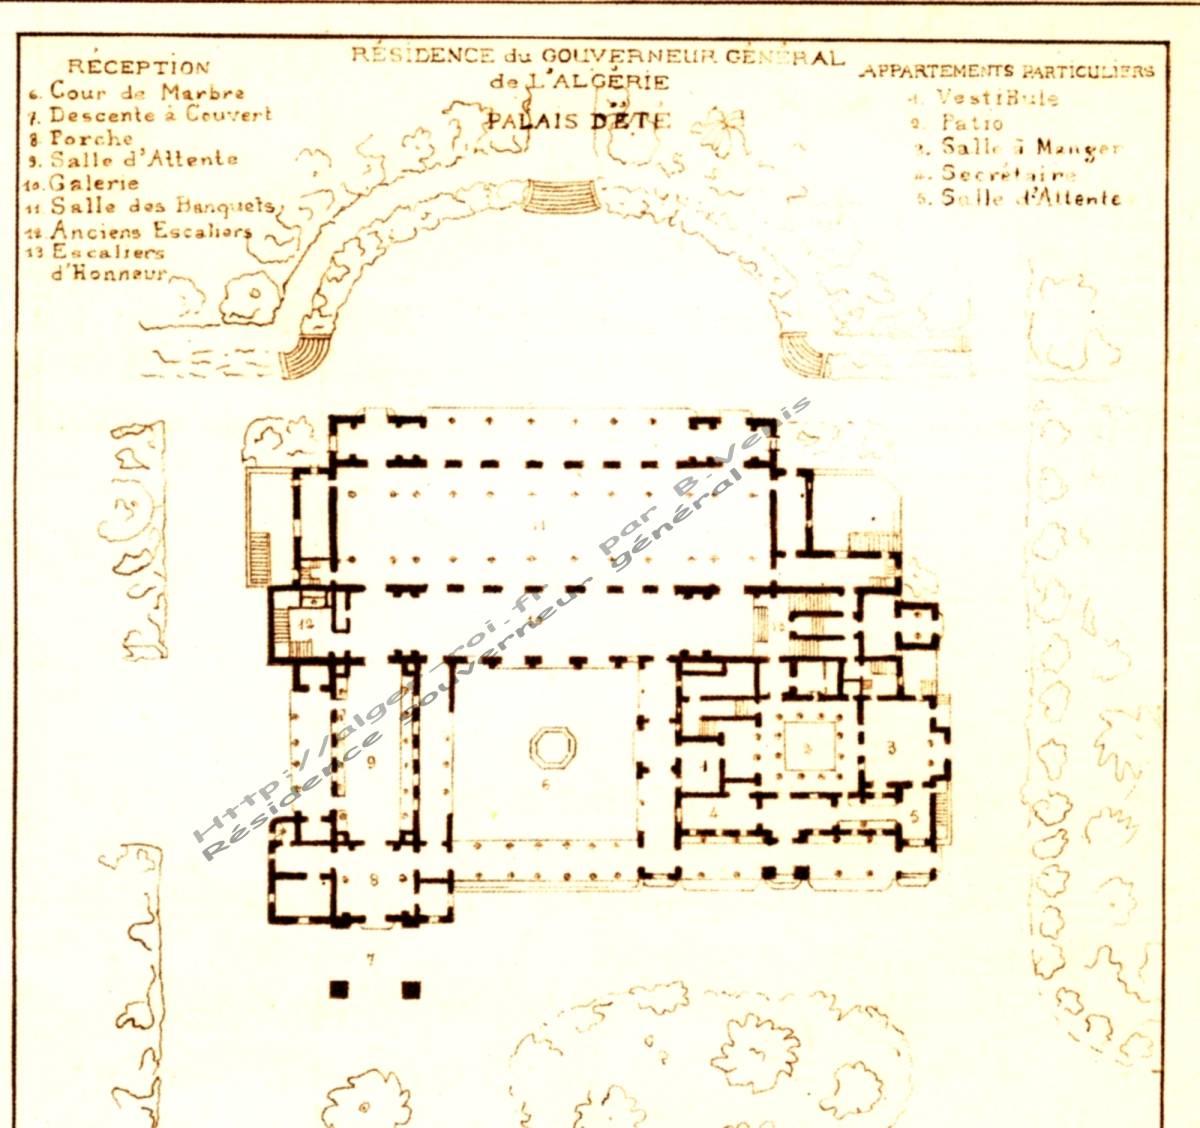 Palais d 39 t residence du gouverneur general de l 39 algerie for Plan tlemcen